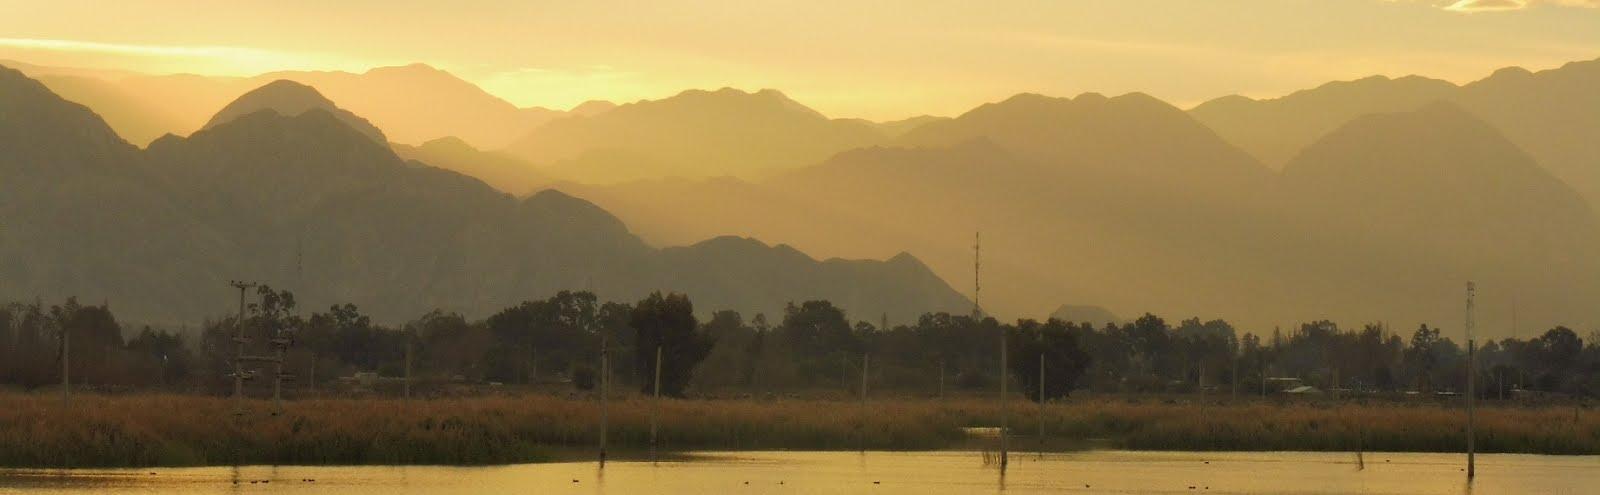 Precordillera de los Andes